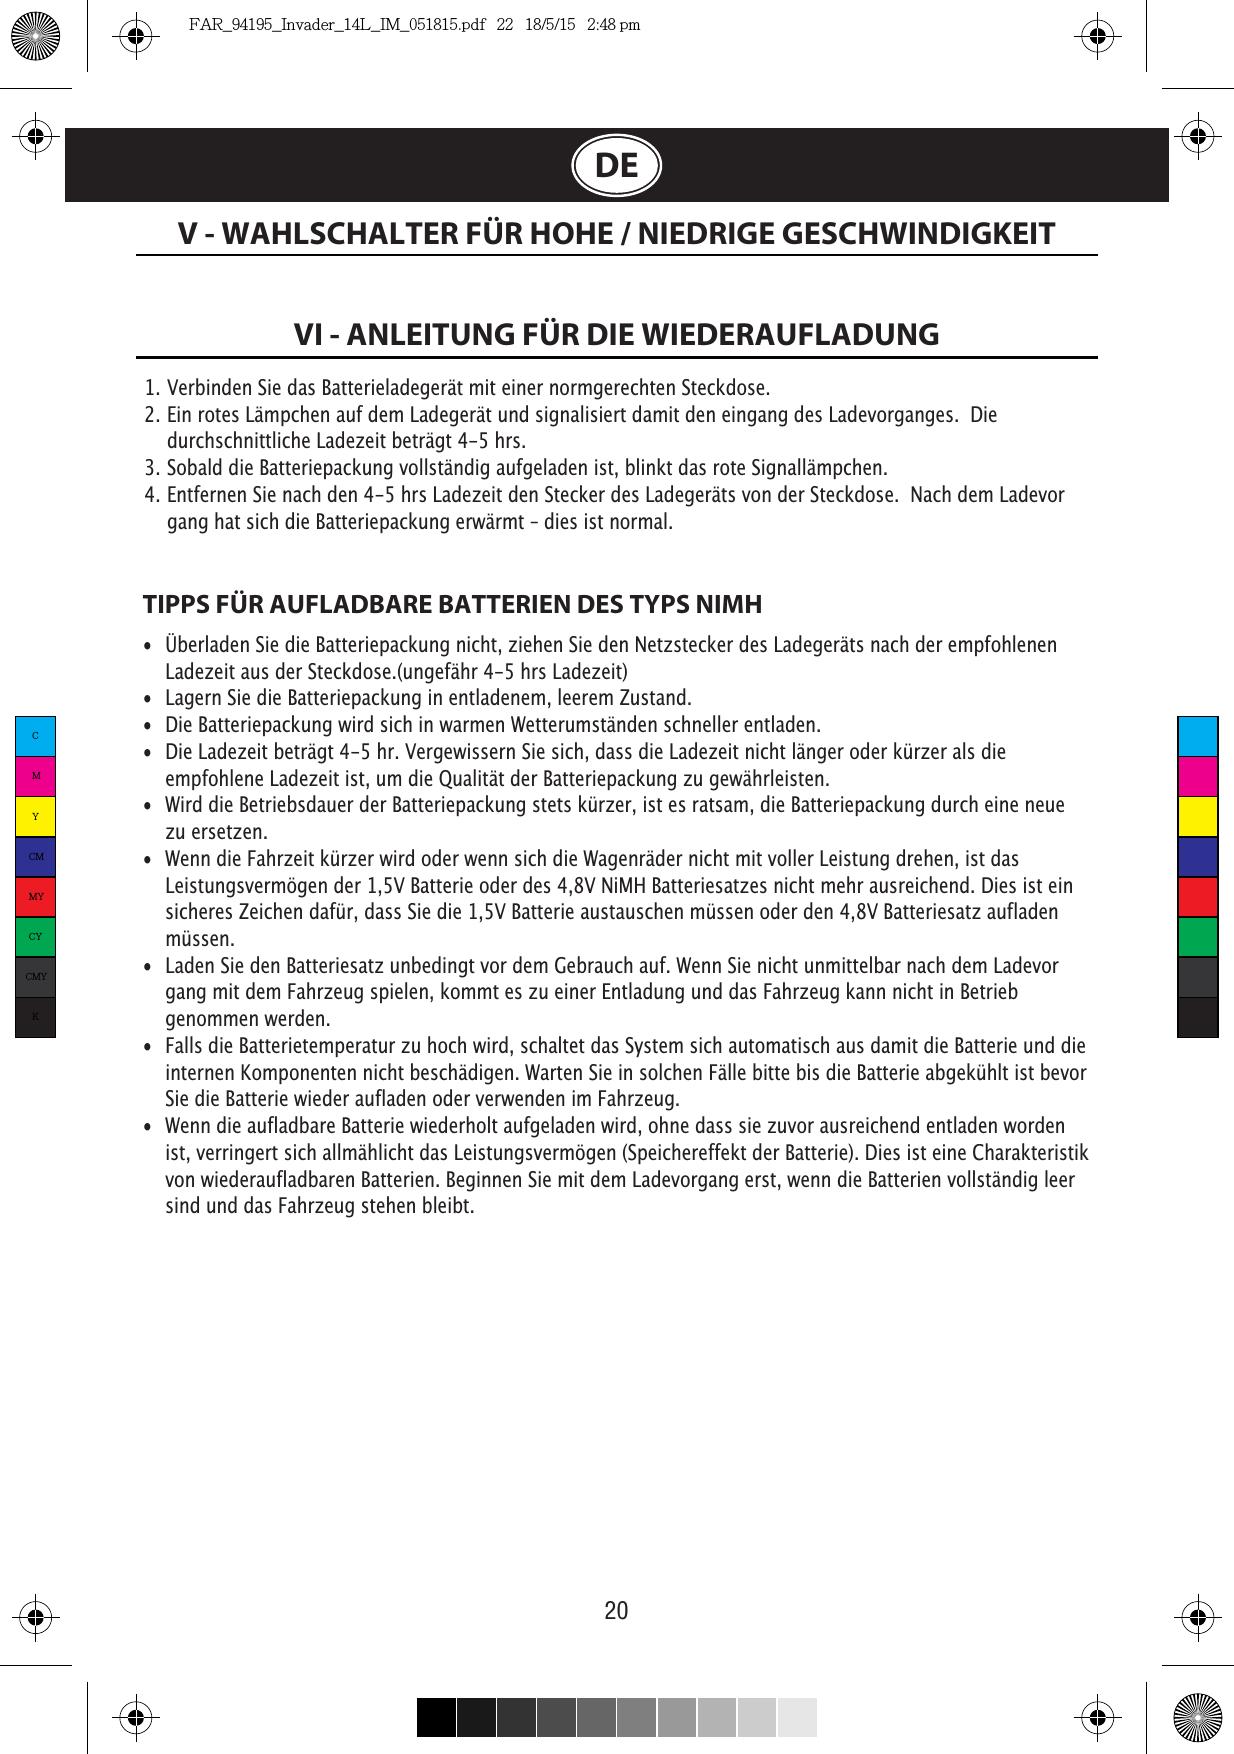 Beste 15 A Steckdose Auf 20 A Leitung Ideen - Schaltplan Serie ...